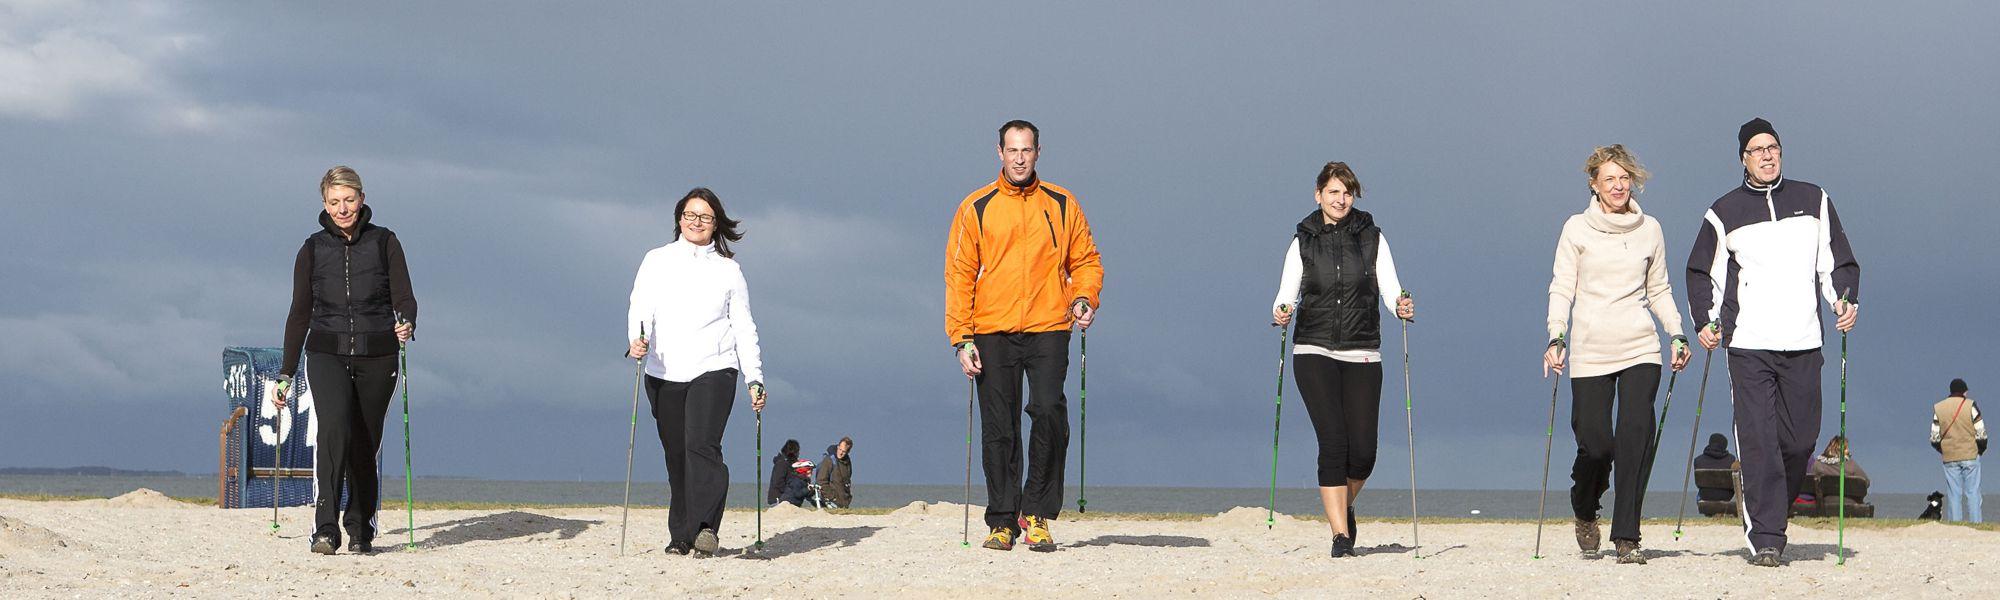 Nordisch Walking - Aktiv Urlaub an der Nordsee